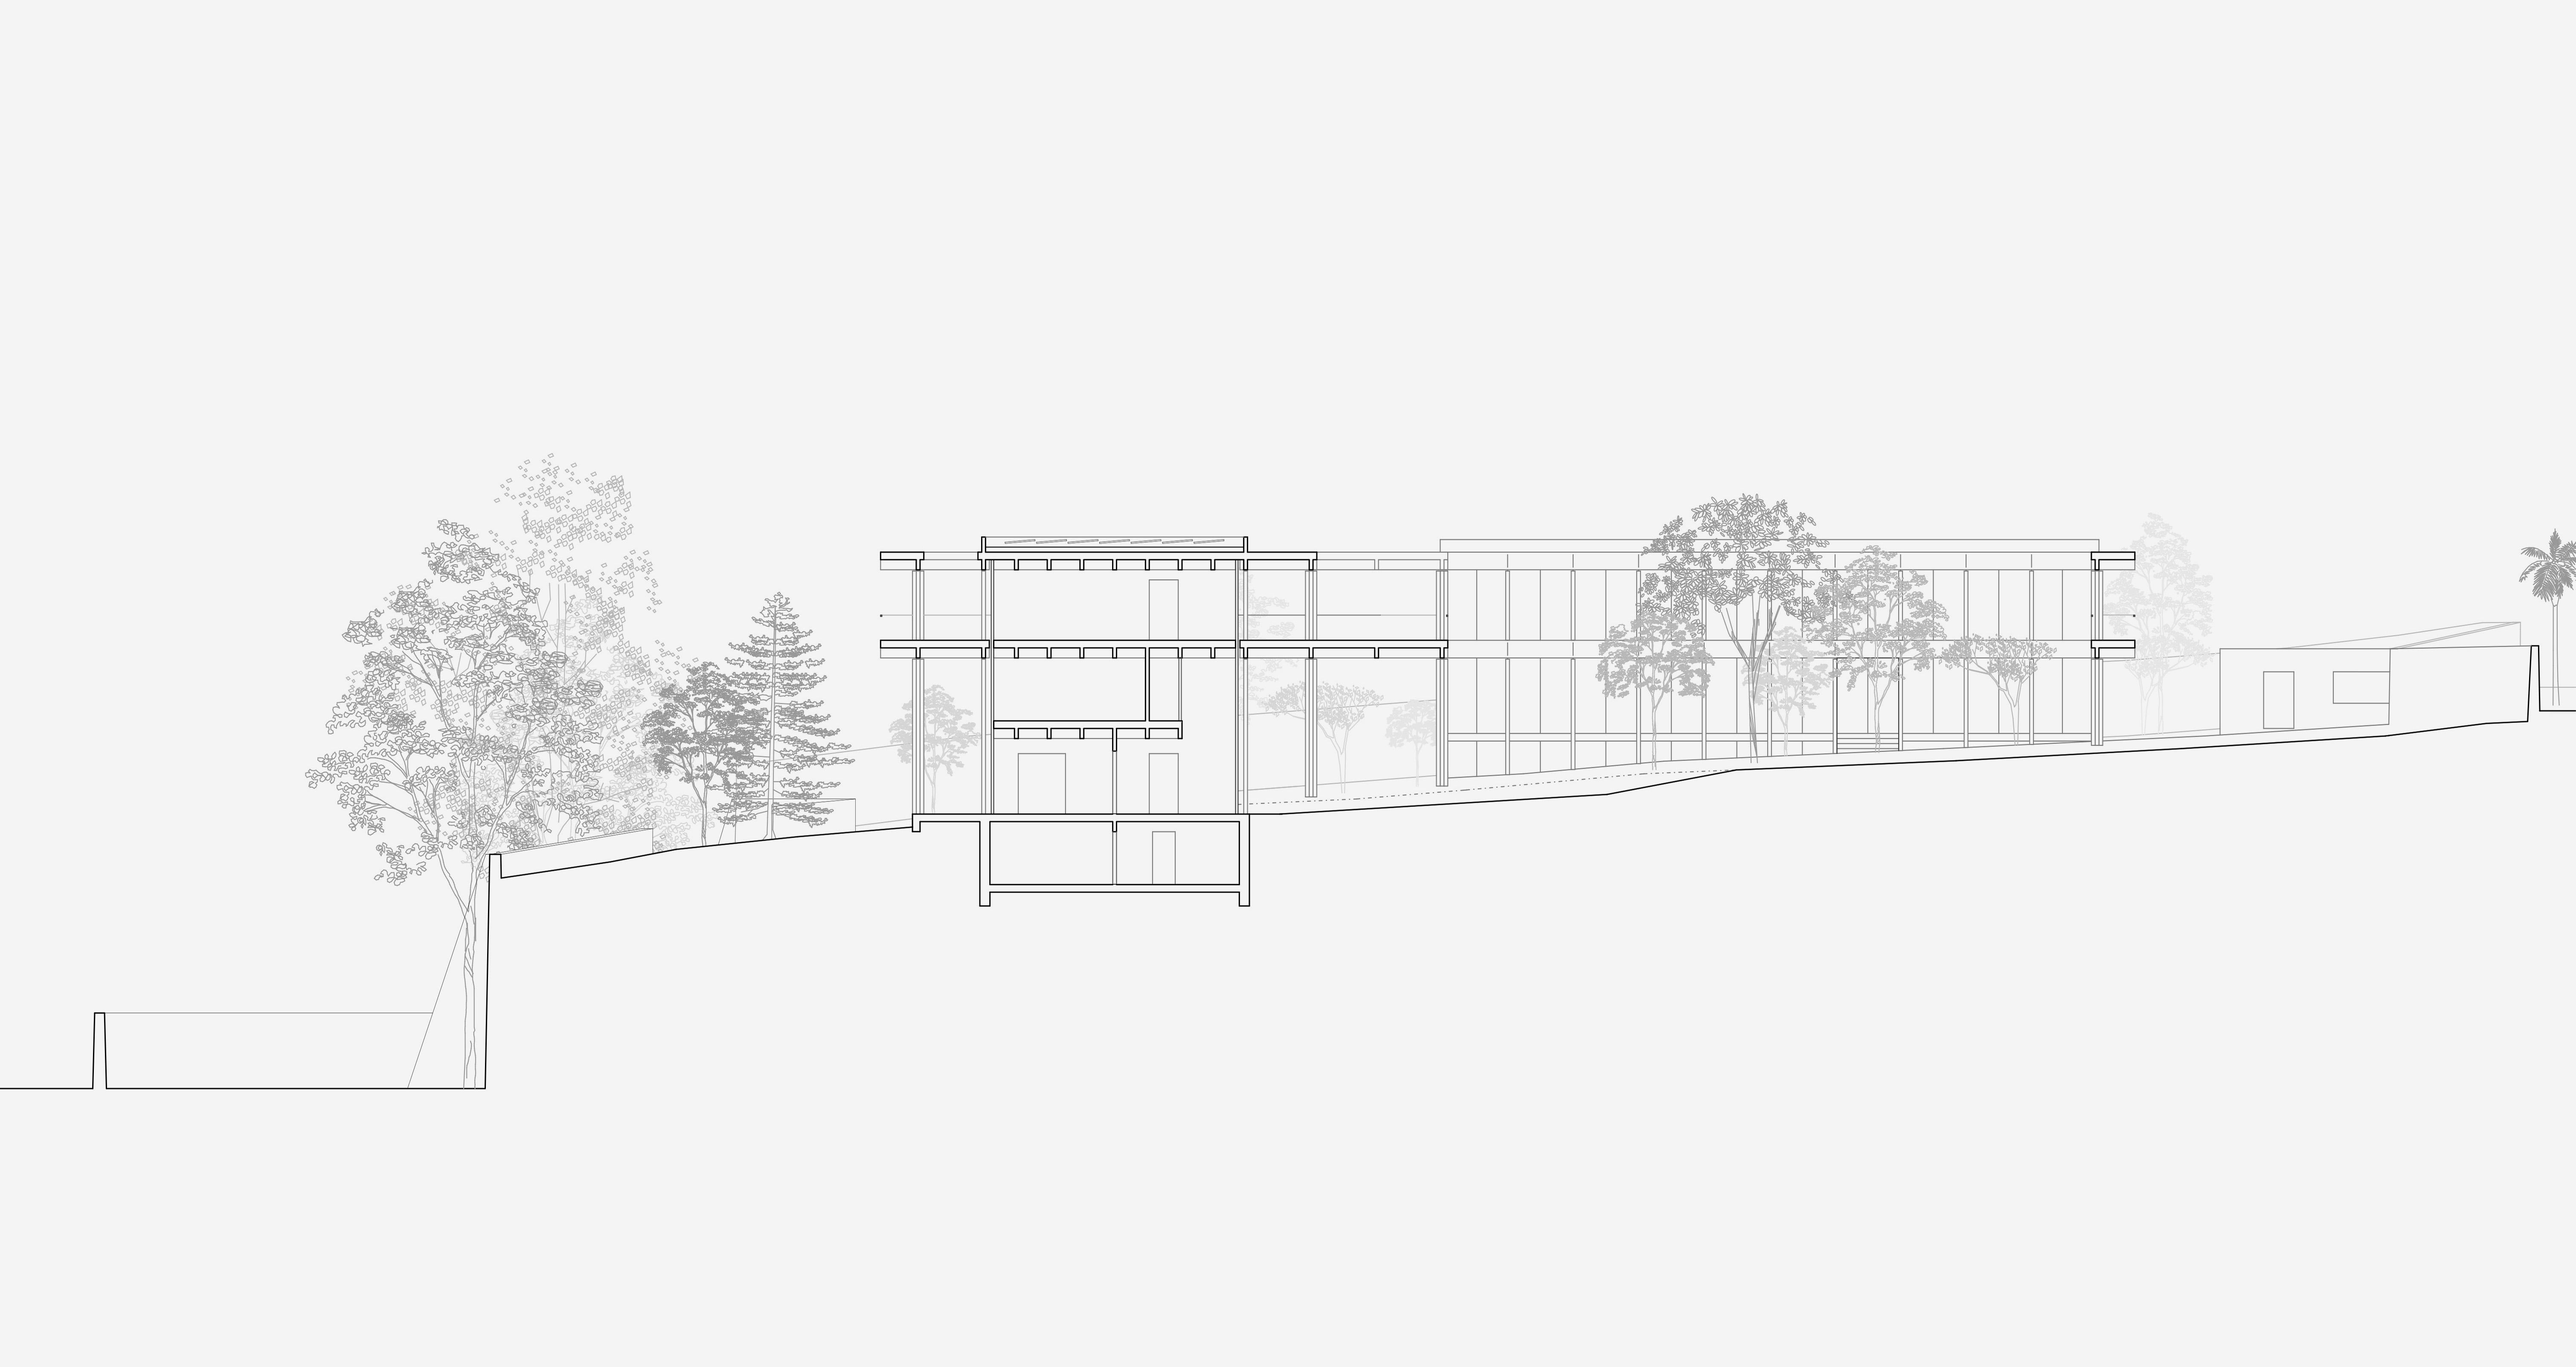 Neubau Schweizerische Botschaft Addis Abeba: Längsschnitt